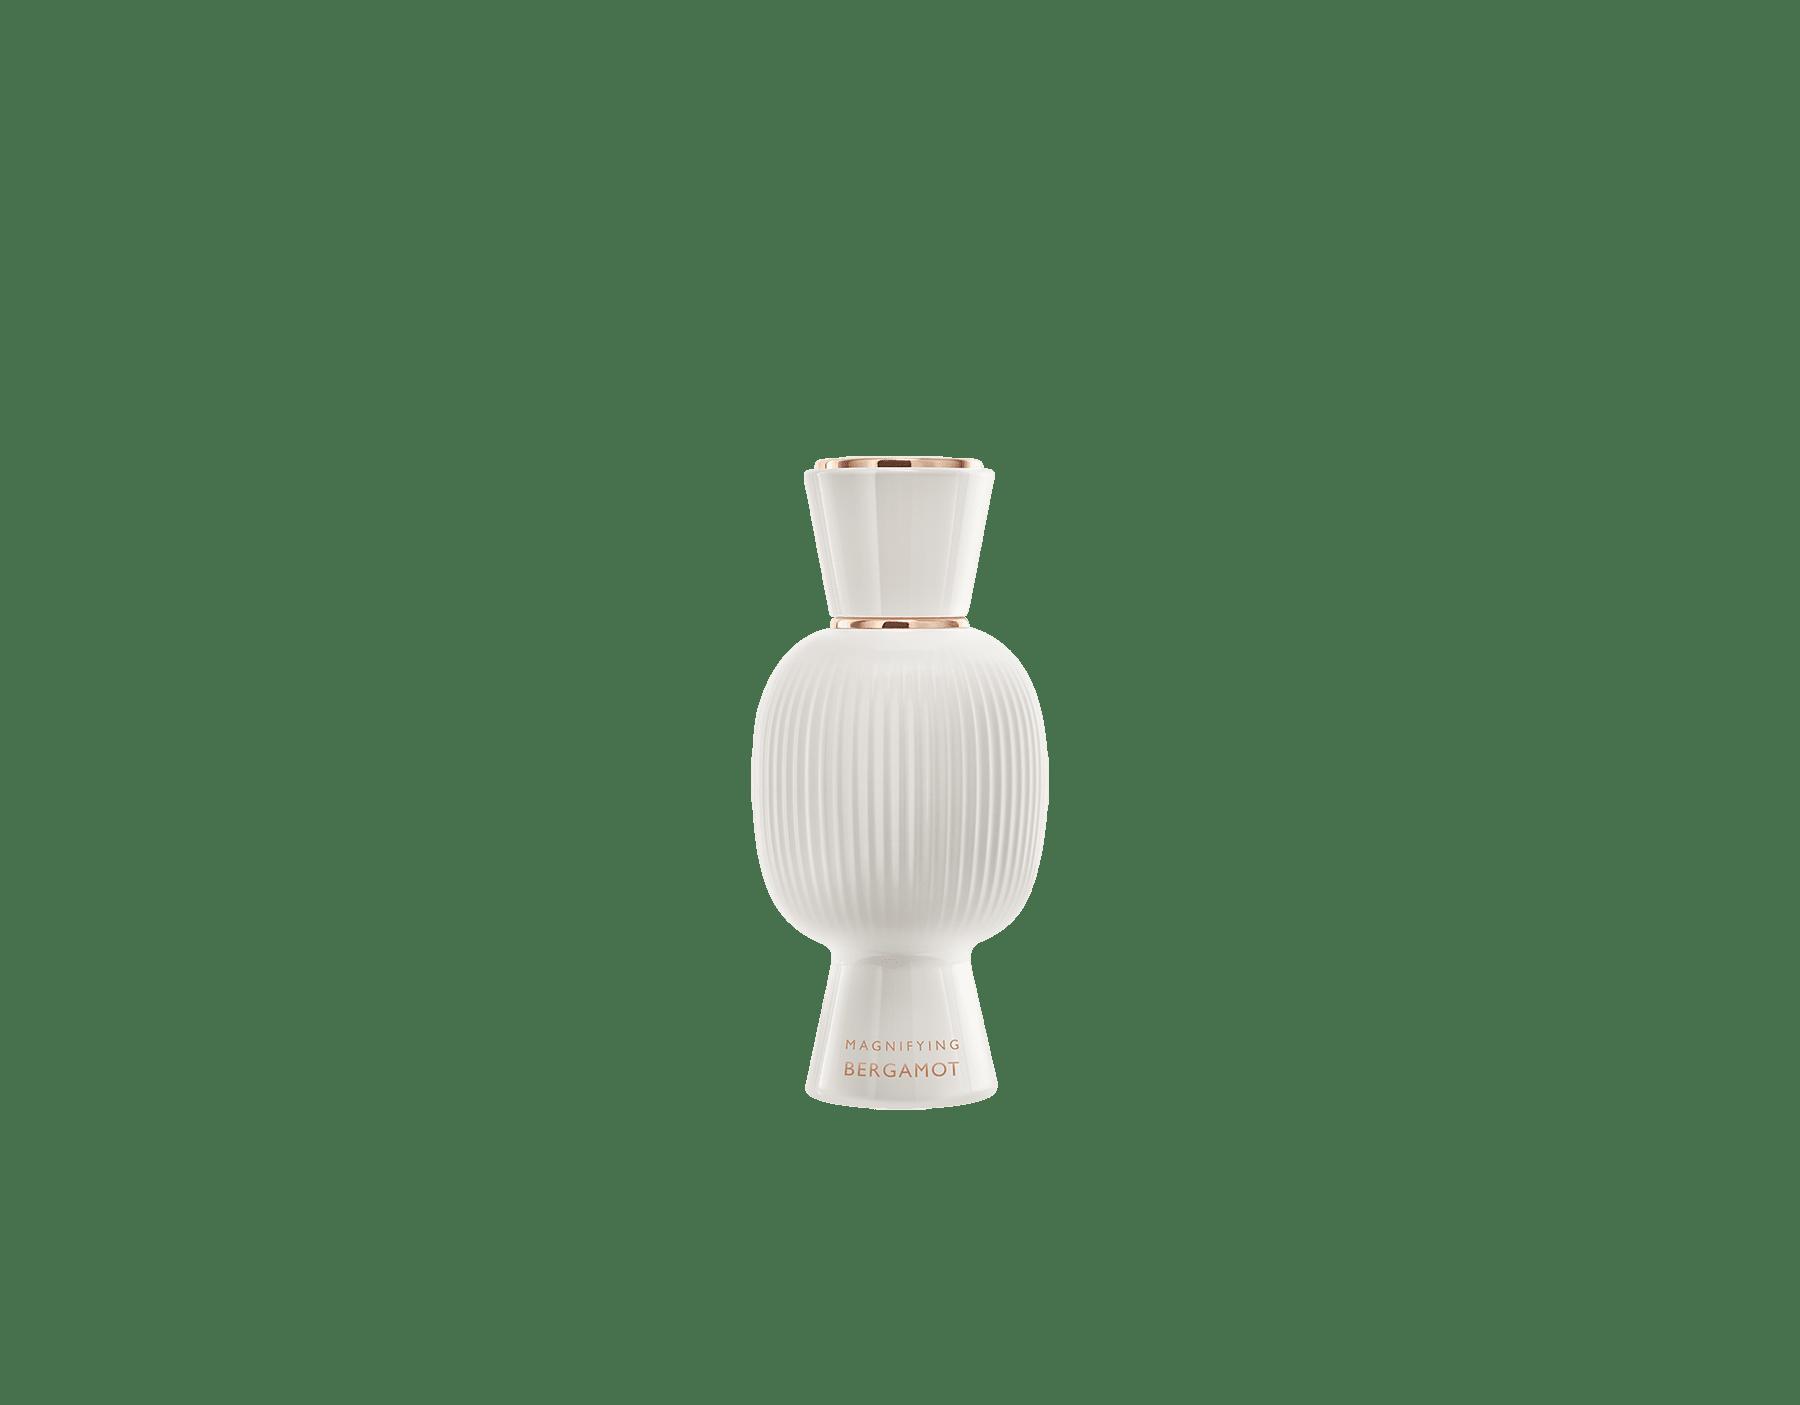 Эксклюзивный парфюмерный набор, вам под стать – такой же смелый и уникальный. В сочетании пьянящих цветочных нот парфюмерной воды Rock'n'Rome Allegra и бодрящей свежести эссенции Magnifying Bergamot рождается неотразимый женский аромат с индивидуальным характером.  Perfume-Set-Rock-n-Rome-Eau-de-Parfum-and-Bergamot-Magnifying image 3